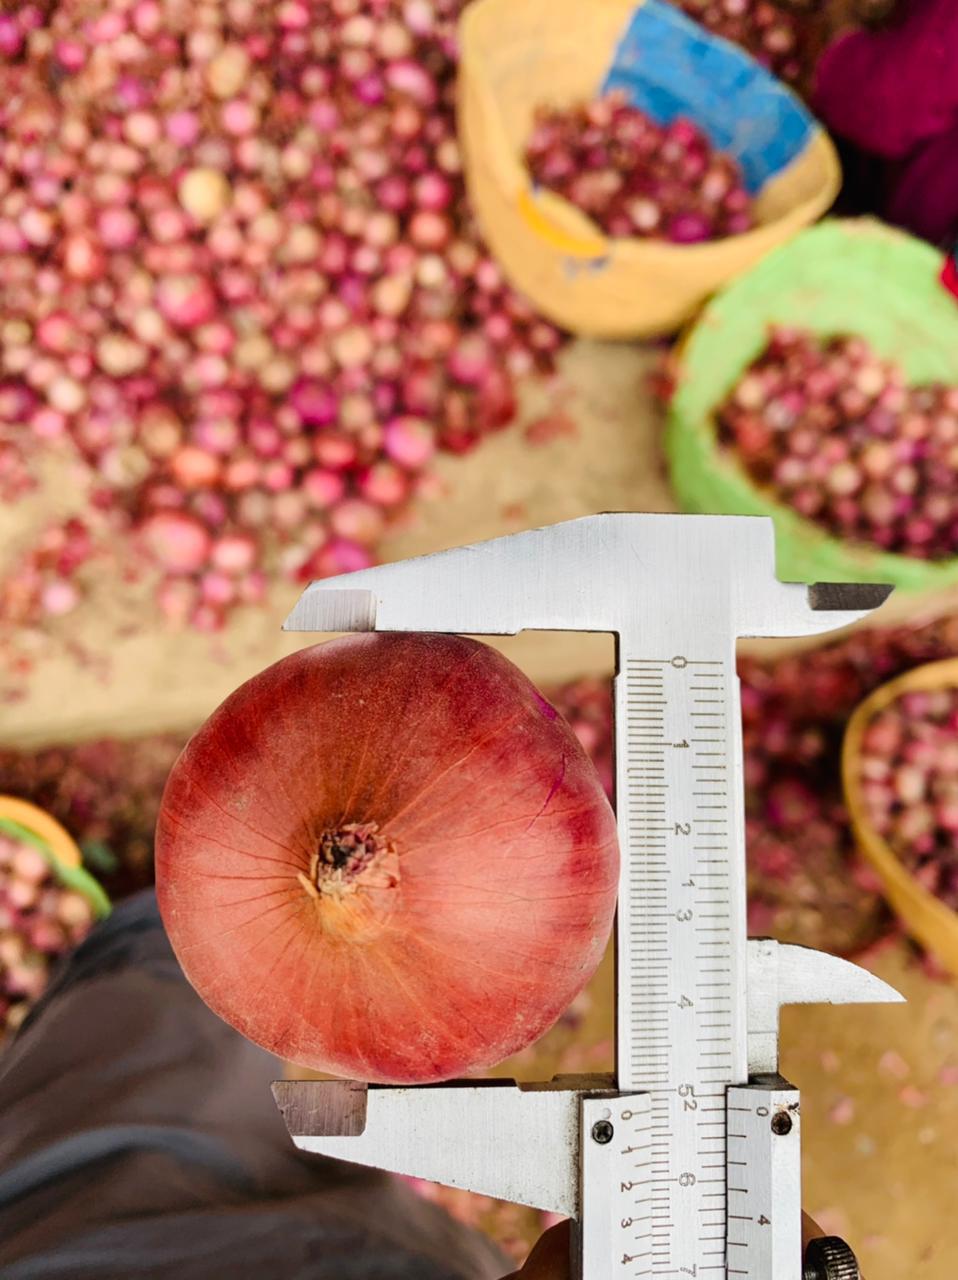 Pakistan Fresh Onion - WhatsApp_Image_2021-07-09_at_4.55.15_PM_1.jpeg